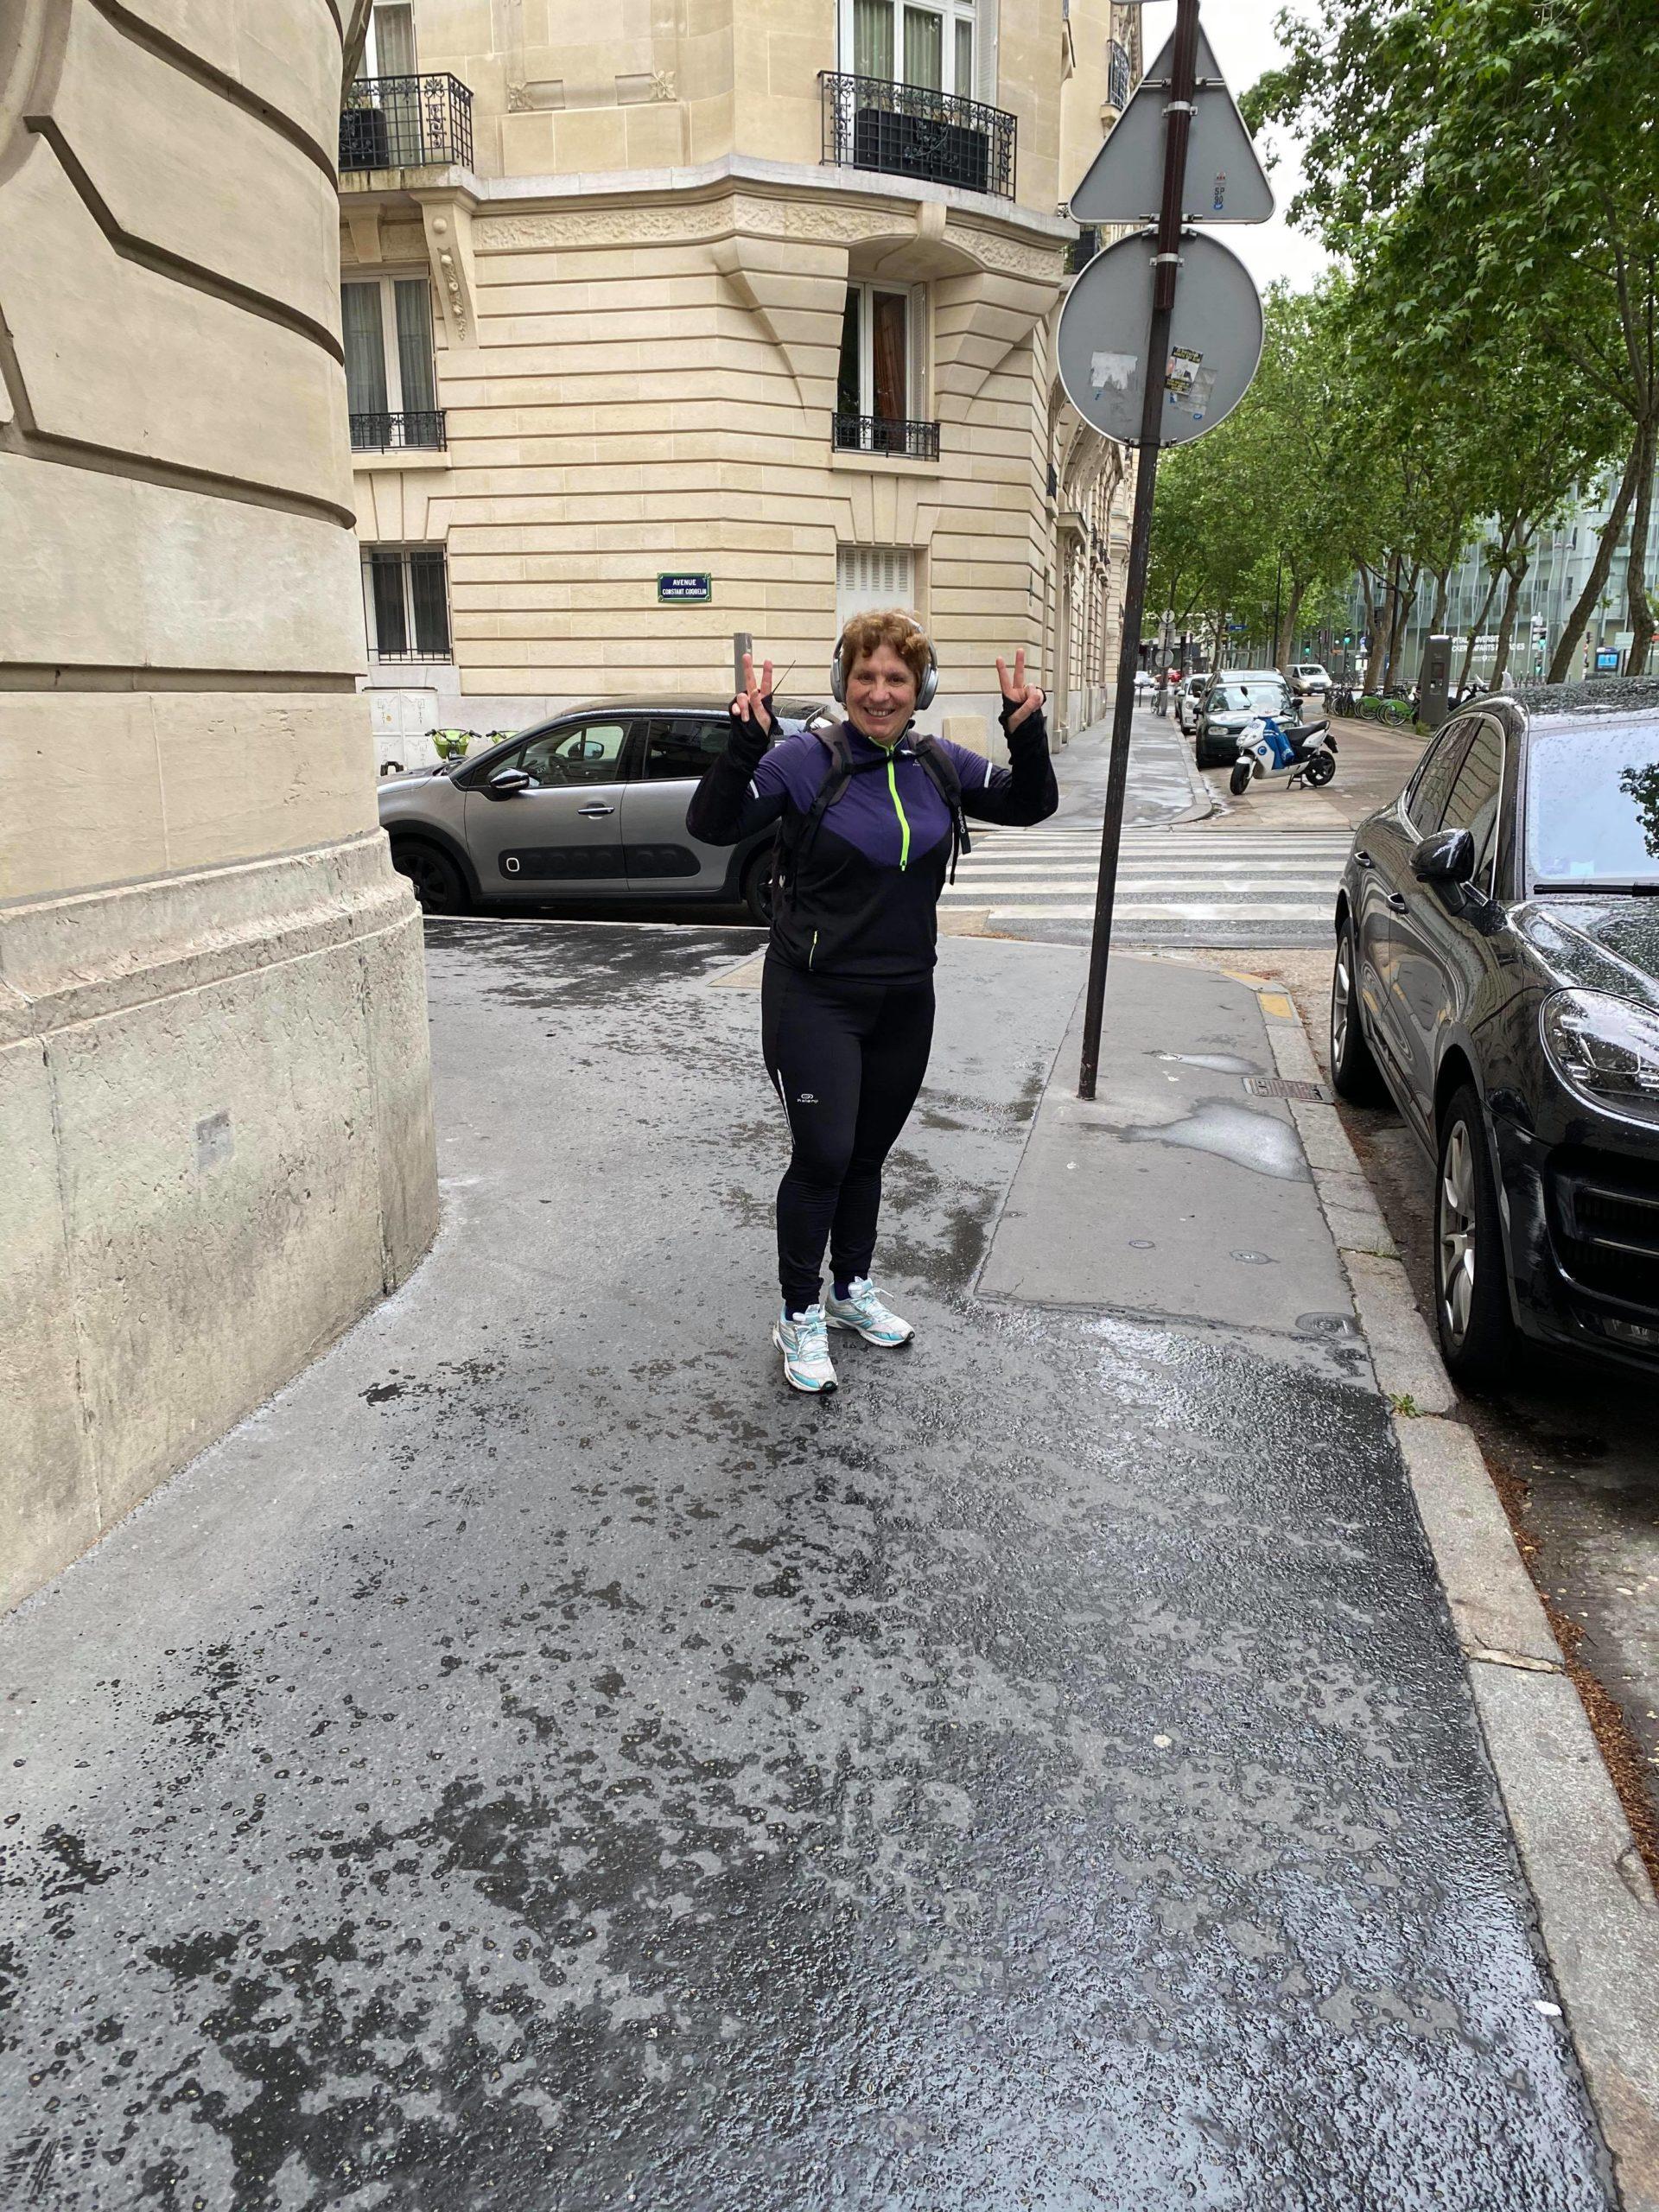 rester-en-forme-faire-du-sportbeatrice-debordeau-sophrologue-coach-de-vie-paris-15